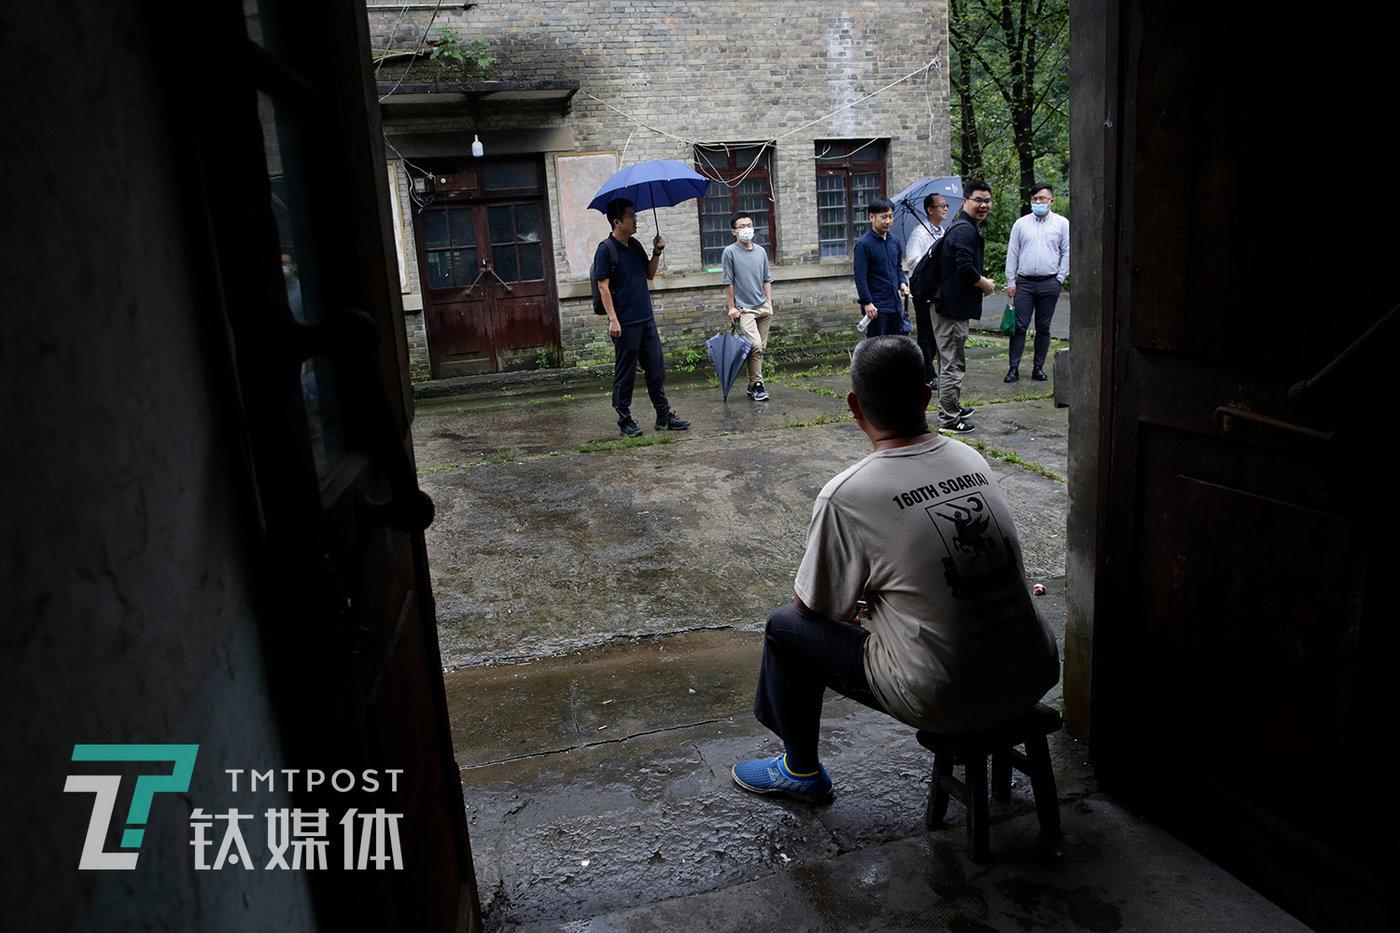 9月CC日,一众媒体人到汞矿参观,杨世贵跟他们打招呼。杨世贵听说矿区会搞旅游开发,他很高兴,希望自己将来也可以变身为汞矿区导游为游客介绍这里。